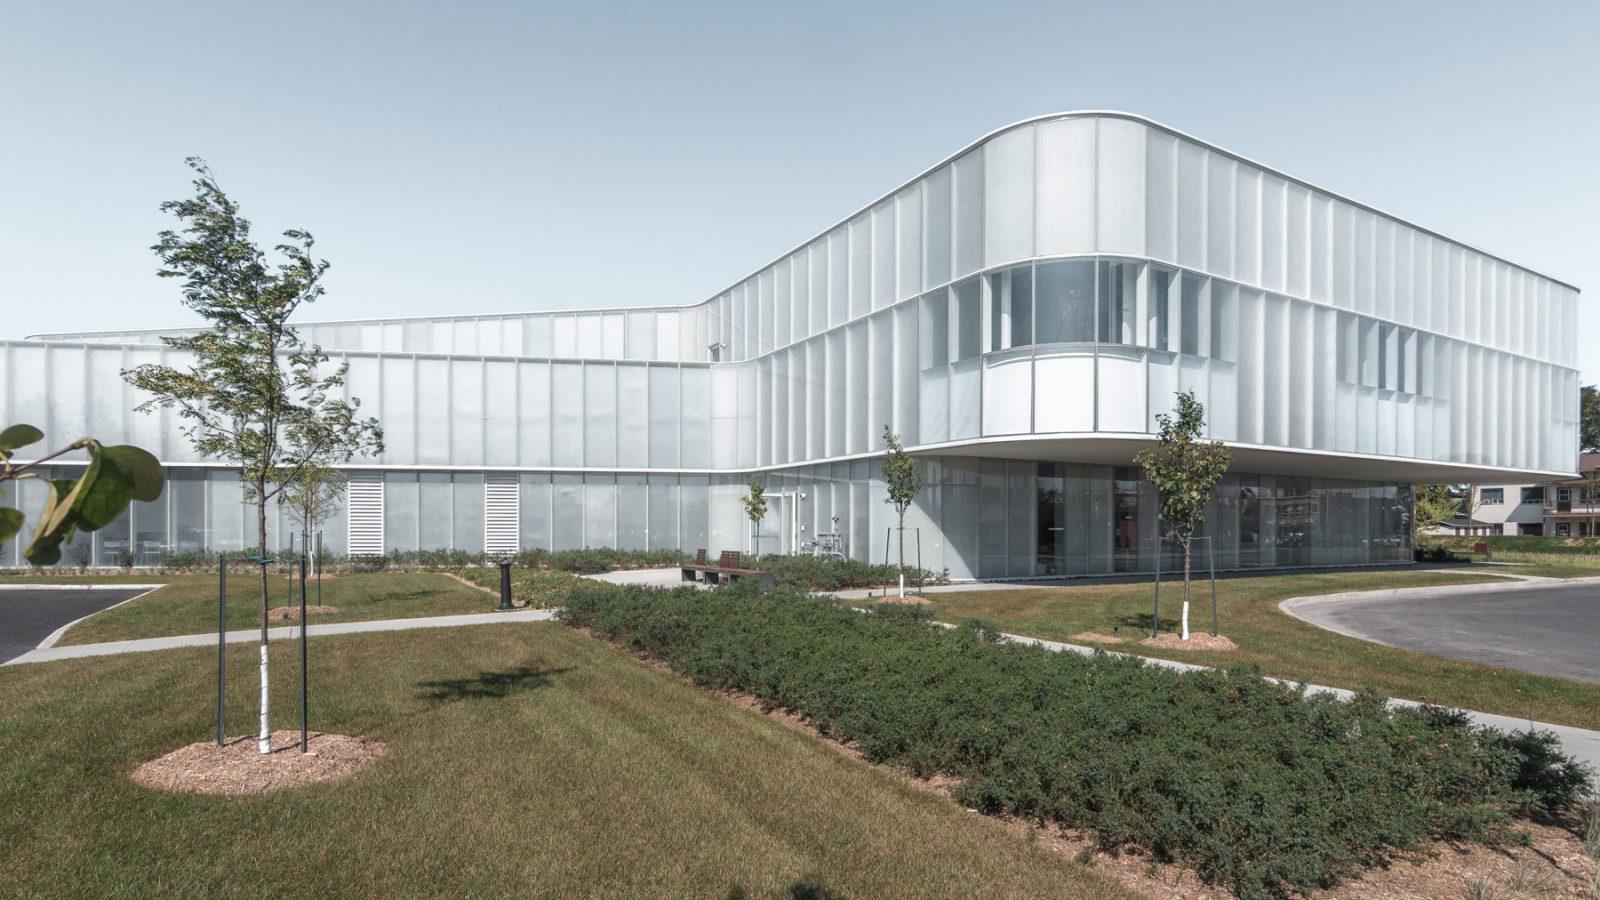 La bibliothèque de Drummondville rayonne au pays